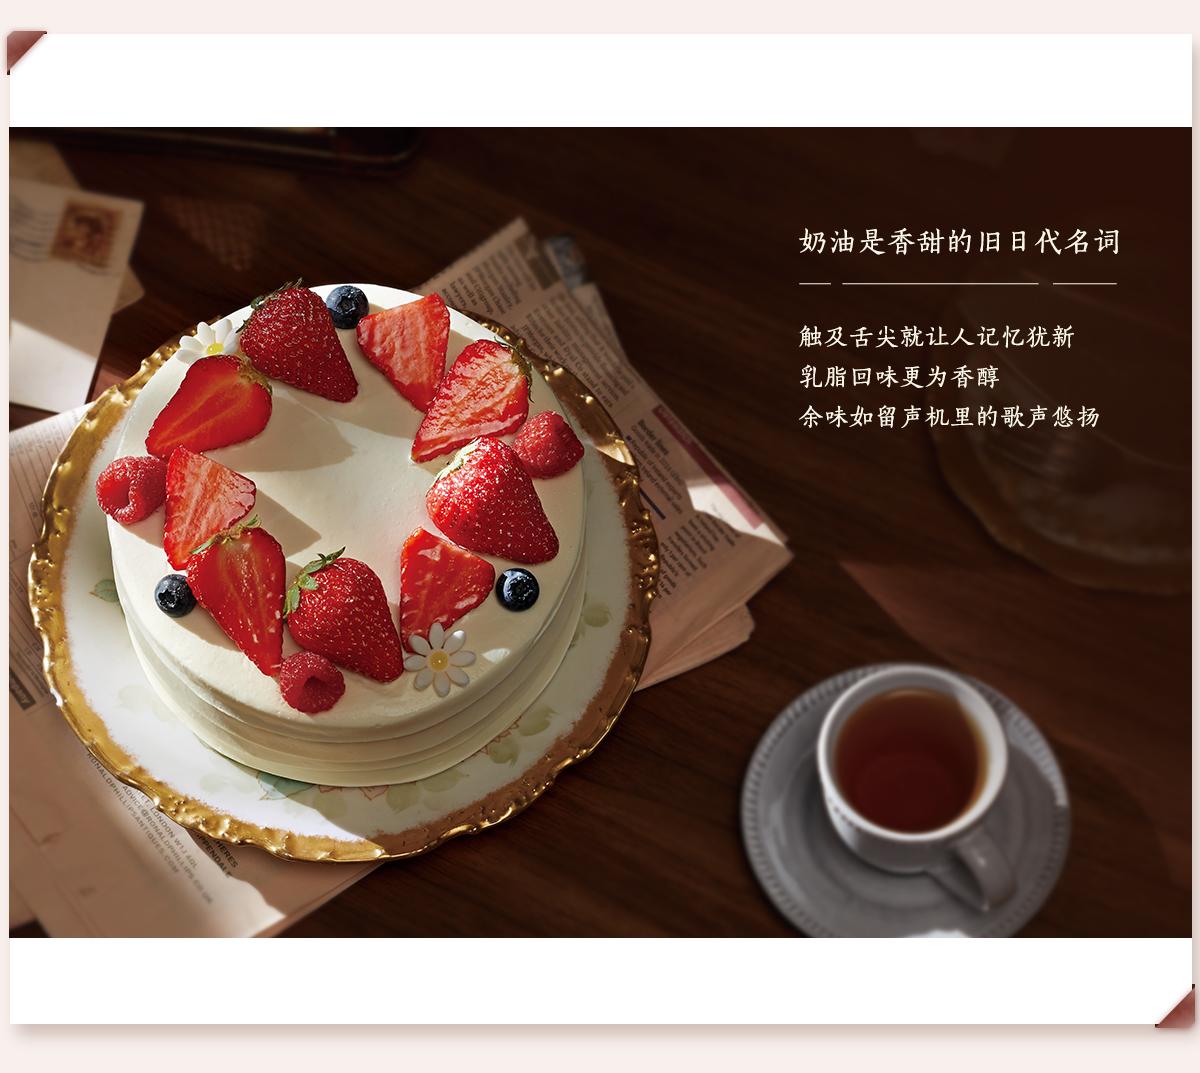 吃生日蛋糕_草莓奶油蛋糕,6-10寸【图片/价格/评价/网上预订】 - 壹点壹客